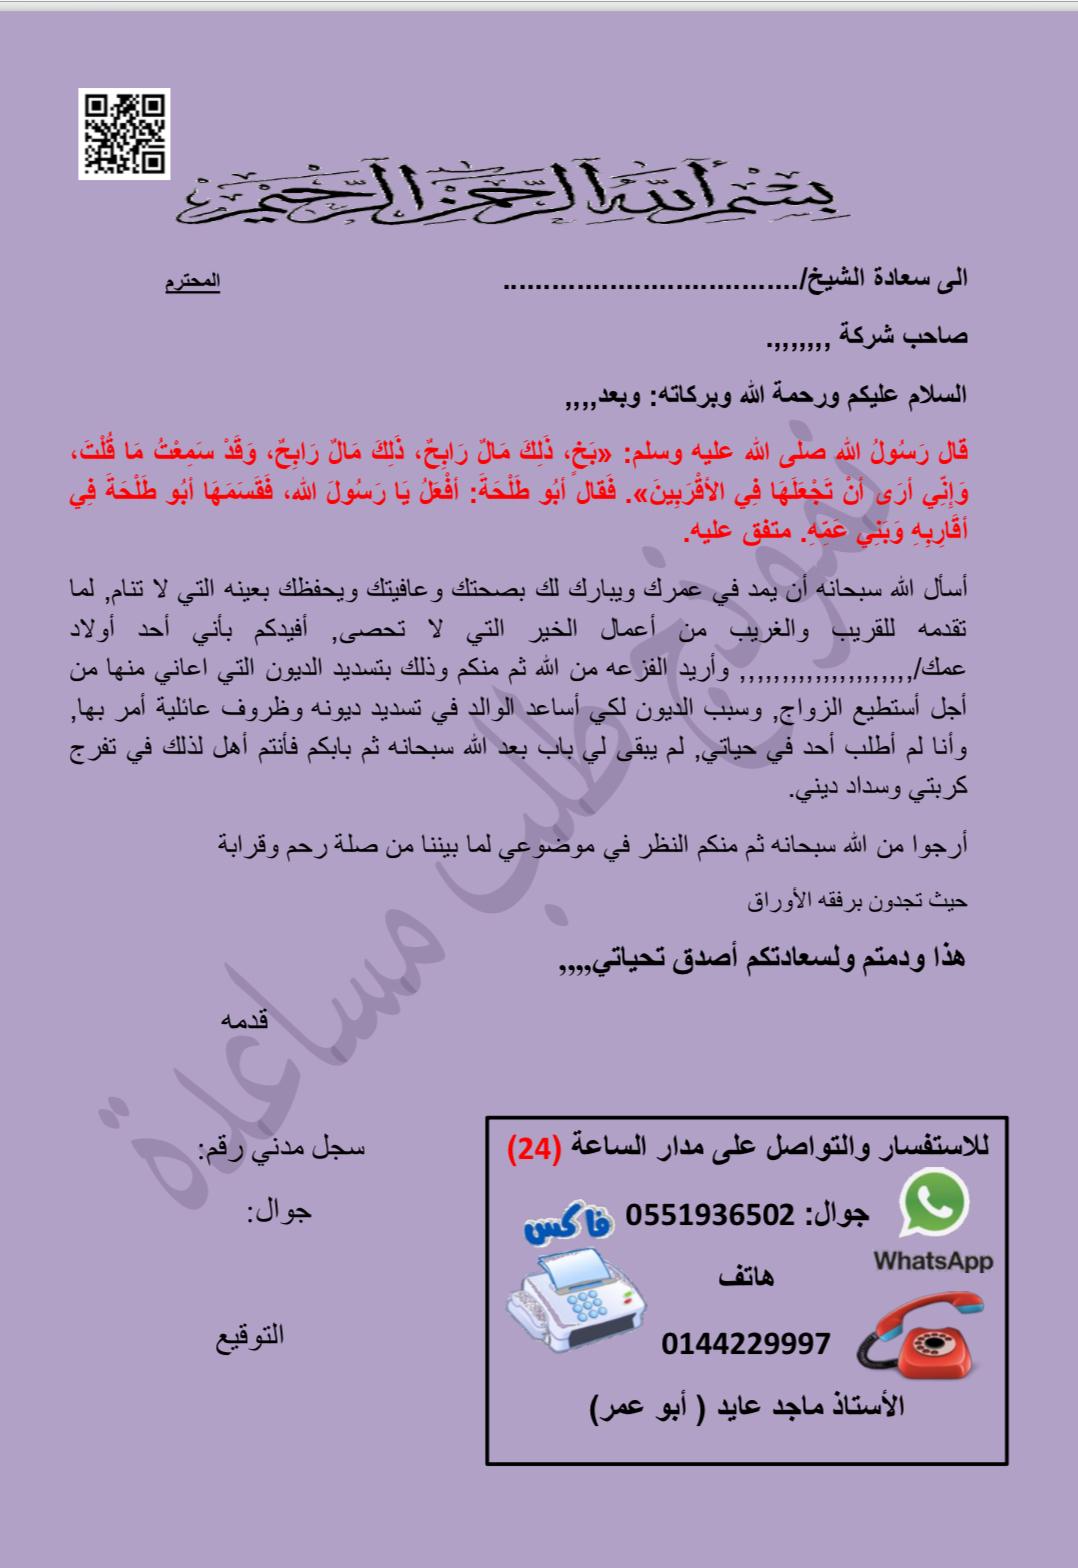 الاسترحام الموقع الرسمي للأستاذ ماجد عايد